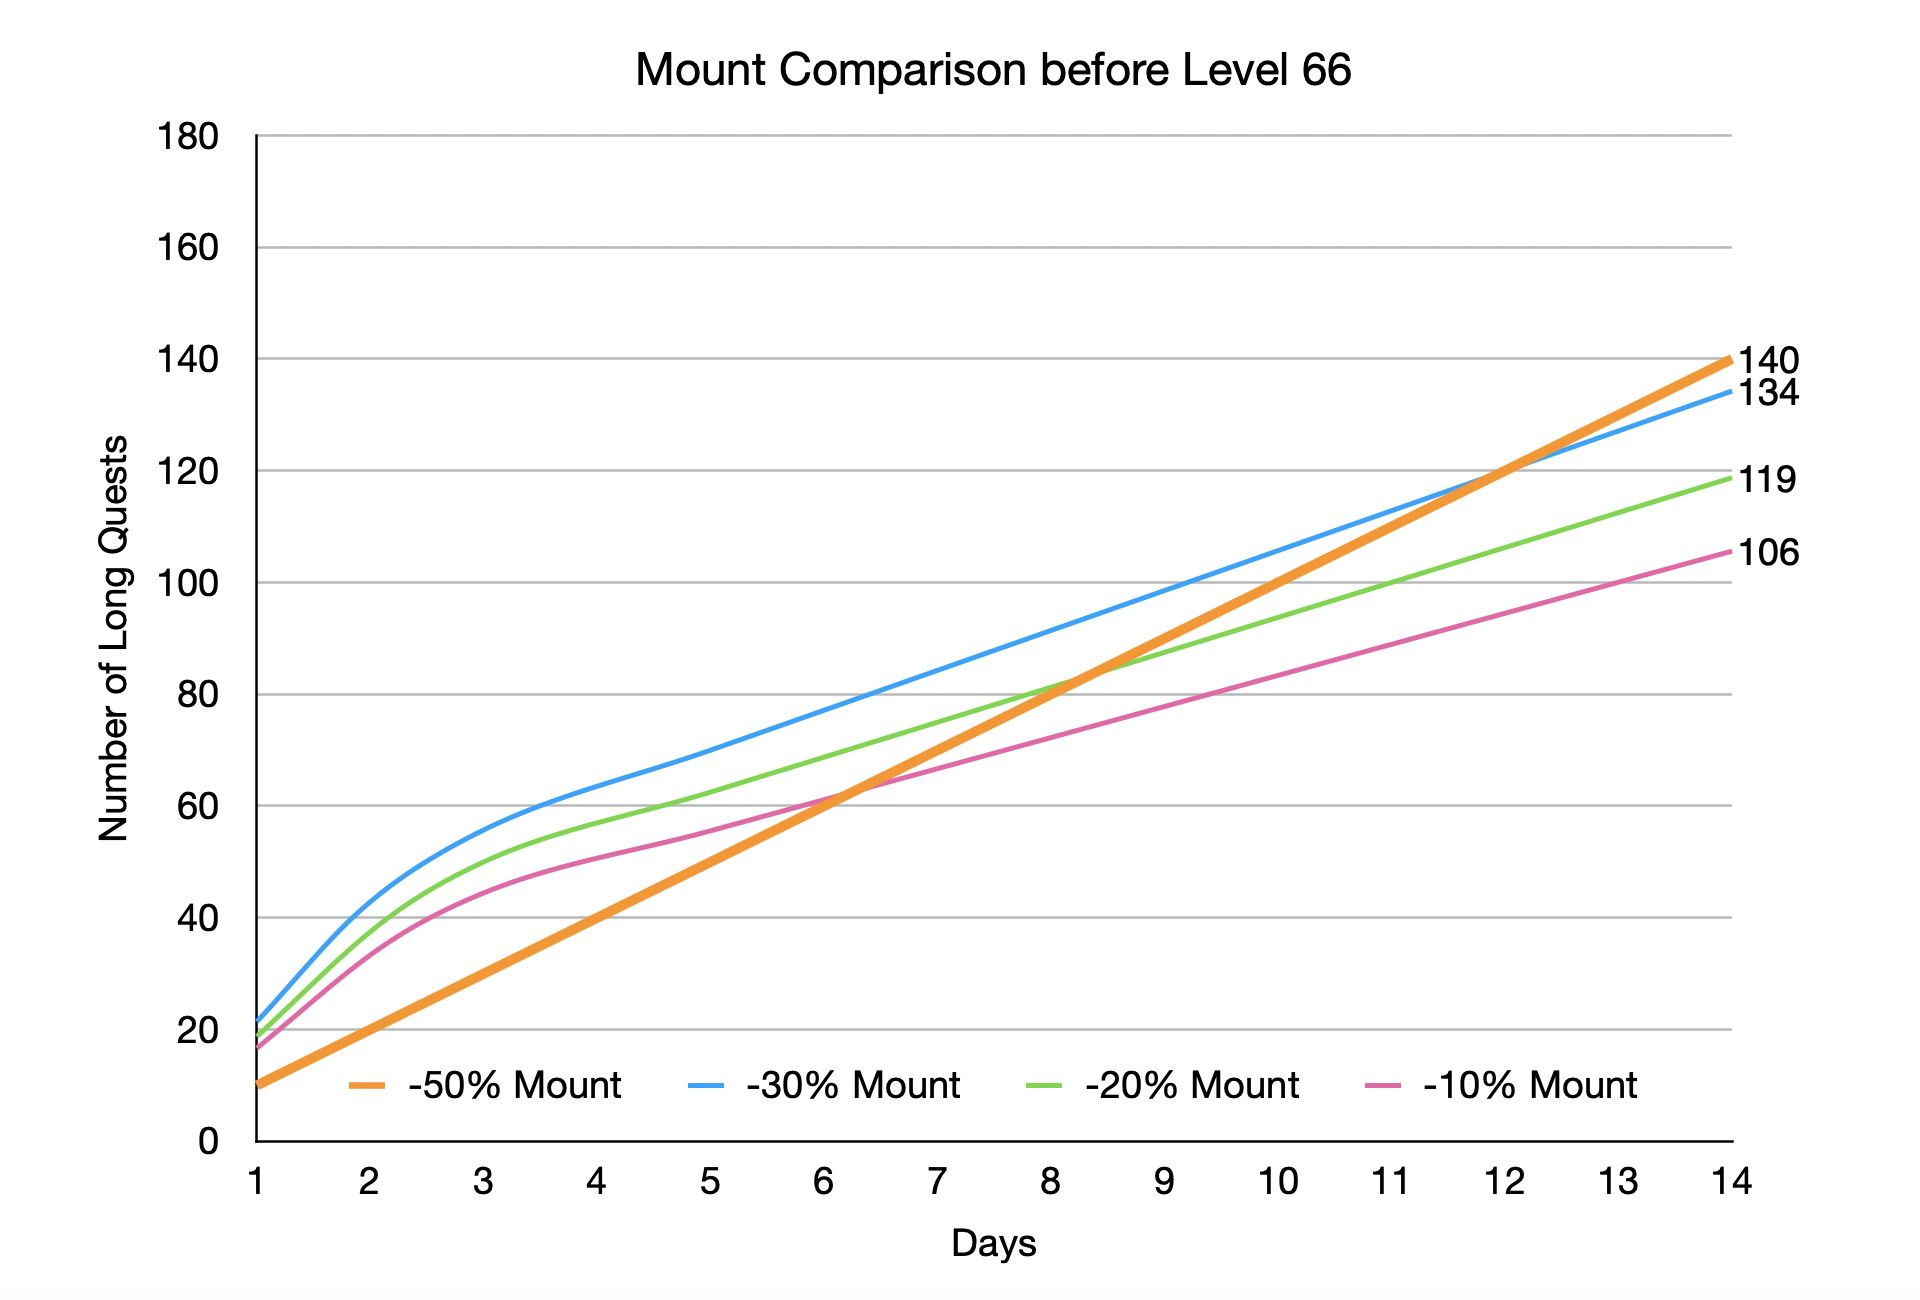 Shakes and Fidget: Diagramm Reittiere im Vergleich - Was ist das beste Reittier? (vor Level 66)